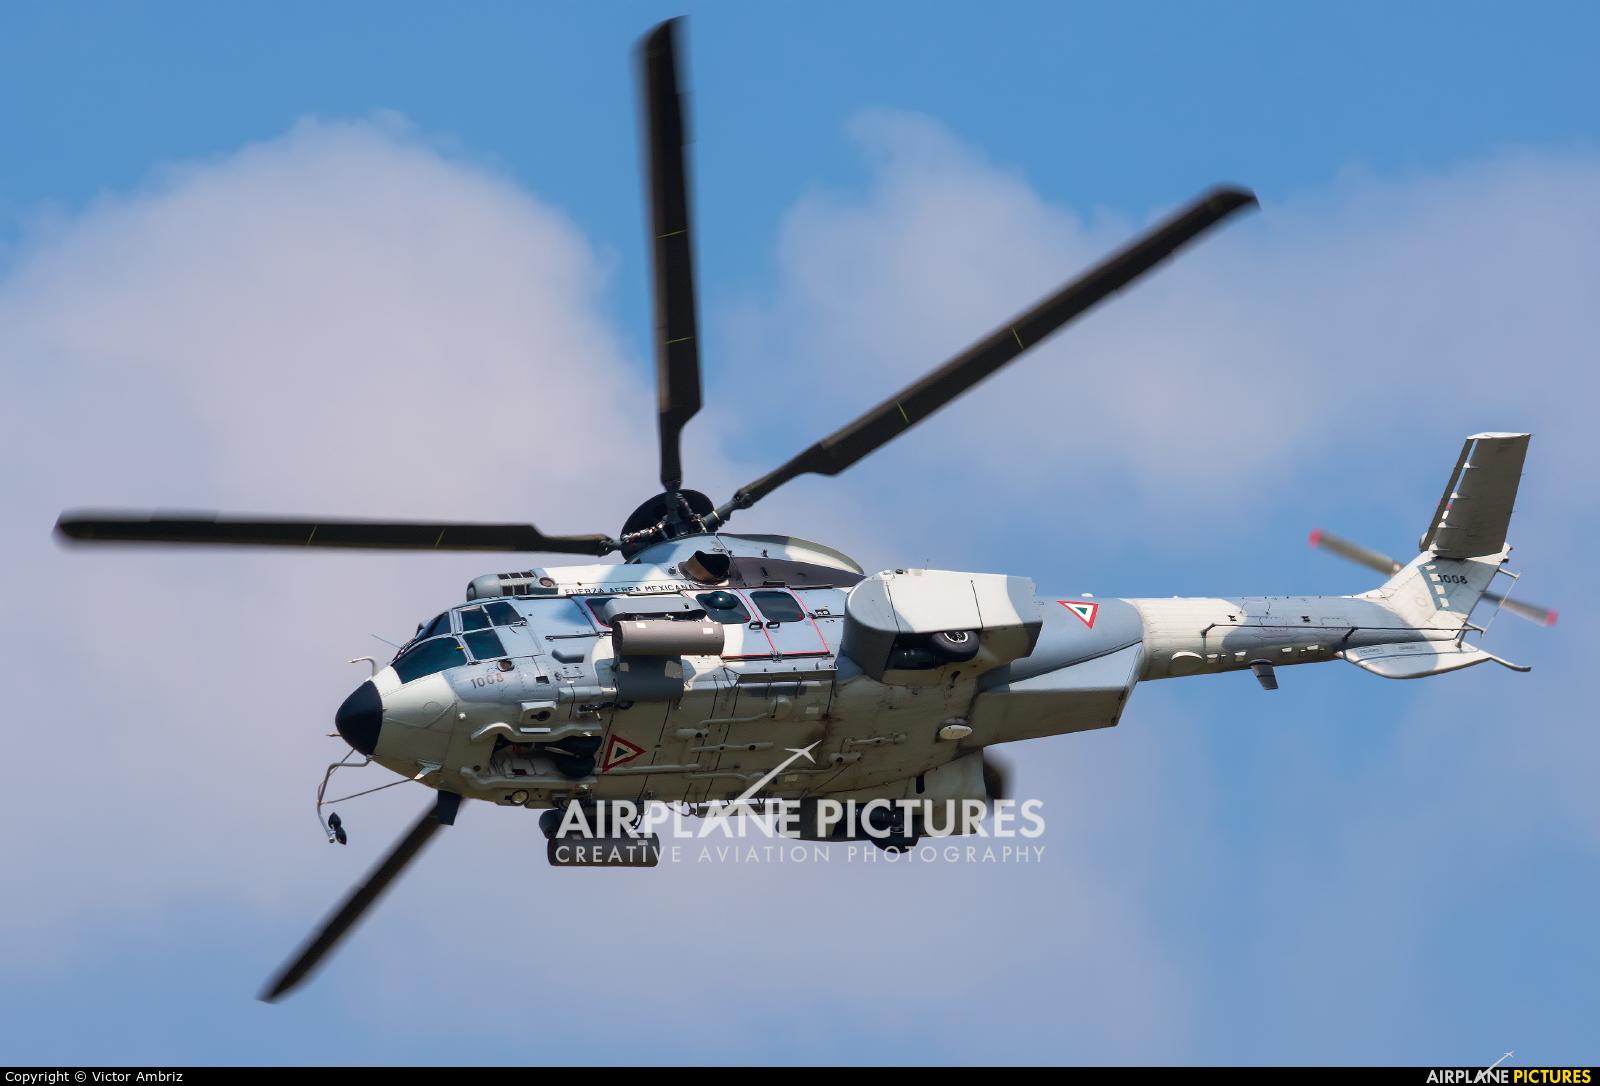 Mexico - Air Force 1008 aircraft at Santa Lucia AB